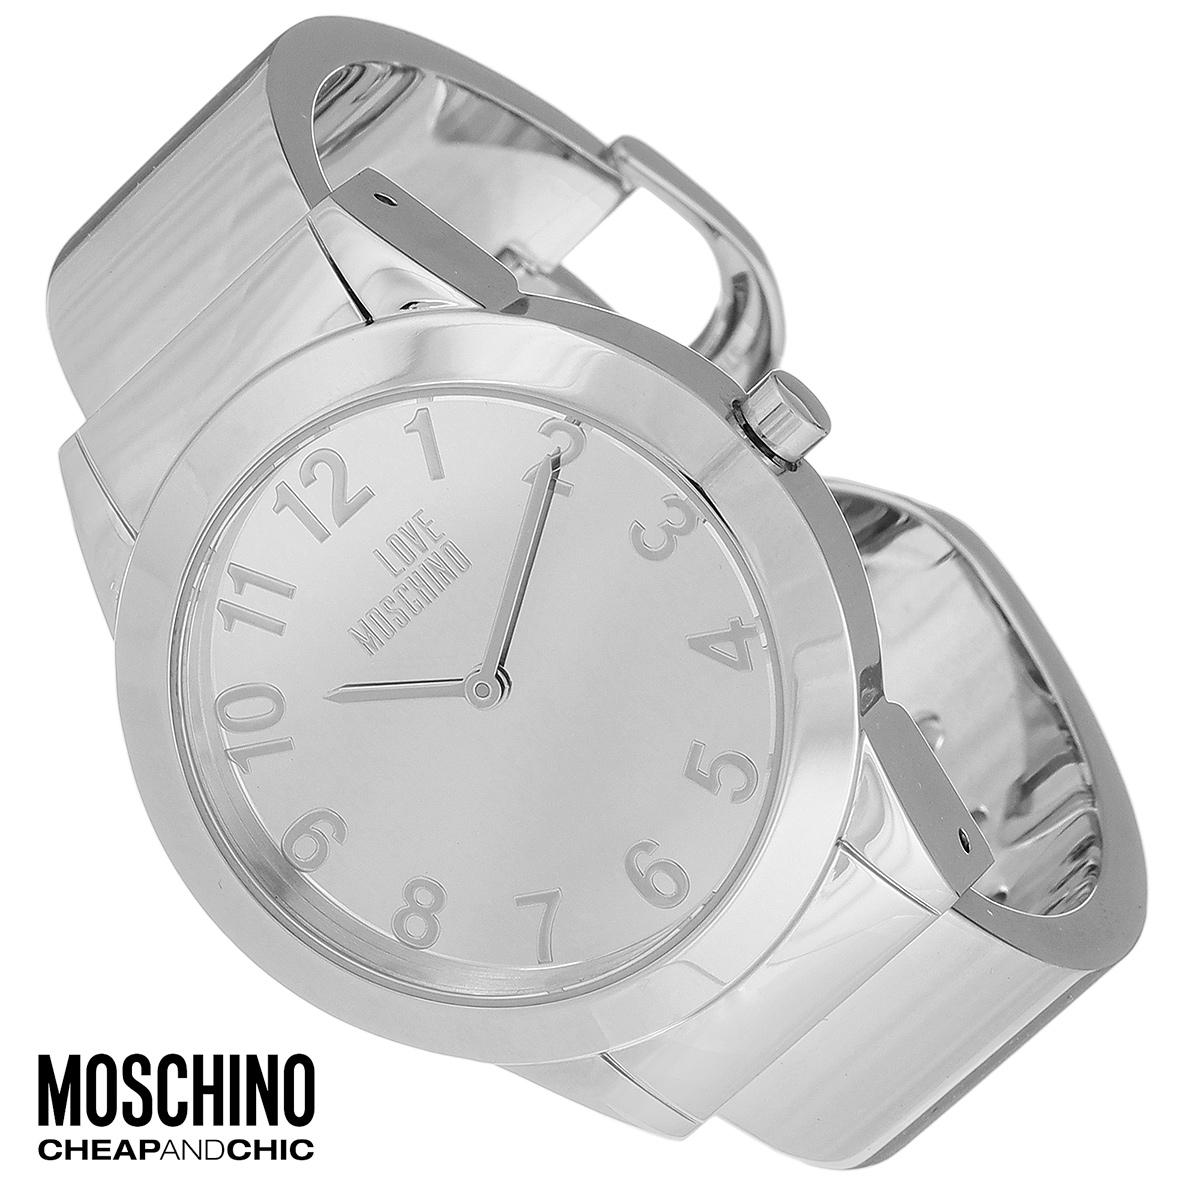 Часы женские наручные Moschino, цвет: серебристый. MW0438MW0438Наручные часы от известного итальянского бренда Moschino - это не только стильный и функциональный аксессуар, но и современные технологи, сочетающиеся с экстравагантным дизайном и индивидуальностью. Часы Moschino оснащены кварцевым механизмом. Корпус выполнен из высококачественной нержавеющей стали. Циферблат оформлен арабскими цифрами, надписью Love Moschino и защищен минеральным стеклом. Часы имеют две стрелки - часовую и минутную. Браслет часов выполнен из нержавеющей стали и имеет разъемную конструкцию. Часы упакованы в фирменную металлическую коробку с логотипом бренда. Часы Moschino благодаря своему уникальному дизайну отличаются от часов других марок своеобразными циферблатами, функциональностью, а также набором уникальных технических свойств. Каждой модели присуща легкая экстравагантность, самобытность и, безусловно, великолепный вкус. Характеристики: Диаметр циферблата: 3 см. Размер корпуса: 3,7 см х 4,4 см х...